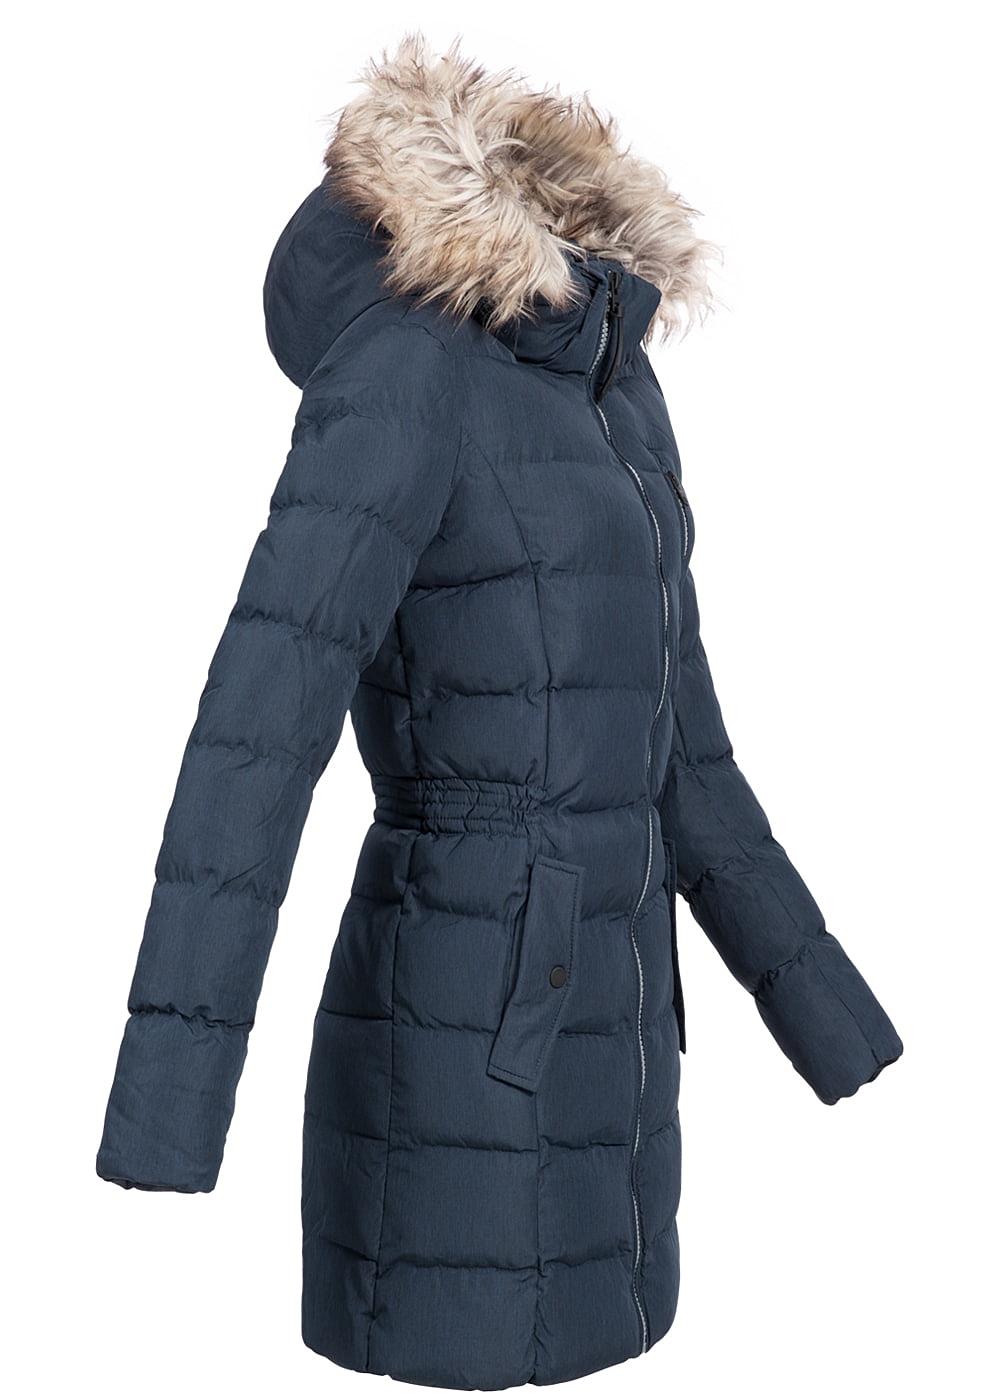 only damen winter mantel kunstfellkapuze 2 deko taschen vorne sky captain blau melange. Black Bedroom Furniture Sets. Home Design Ideas